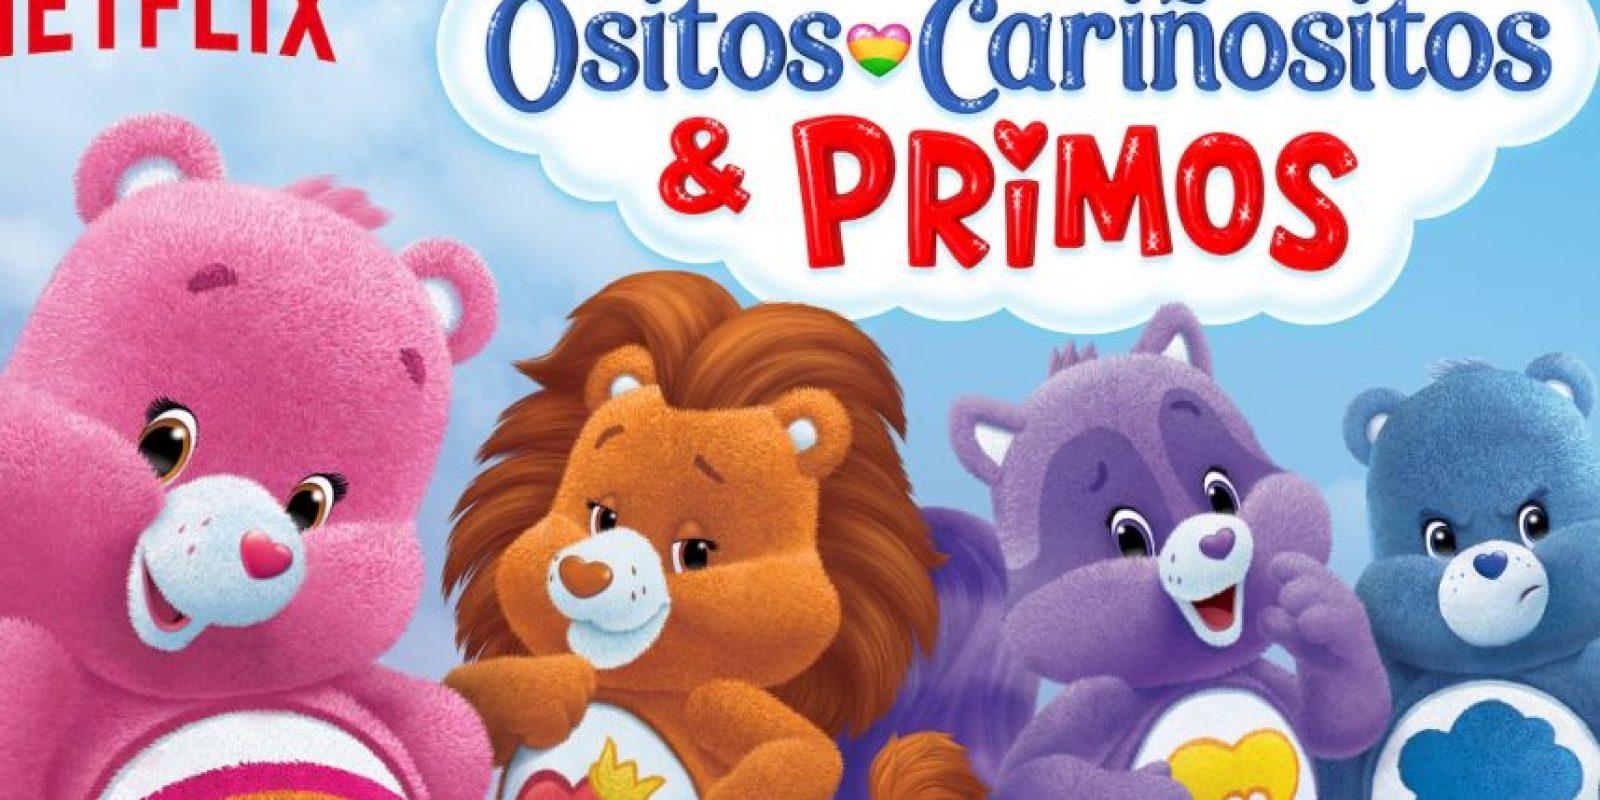 """""""Ositos cariñositos & primos"""" – Temporada 1 disponible a partir del 6 de noviembre. Foto:vía Netflix"""